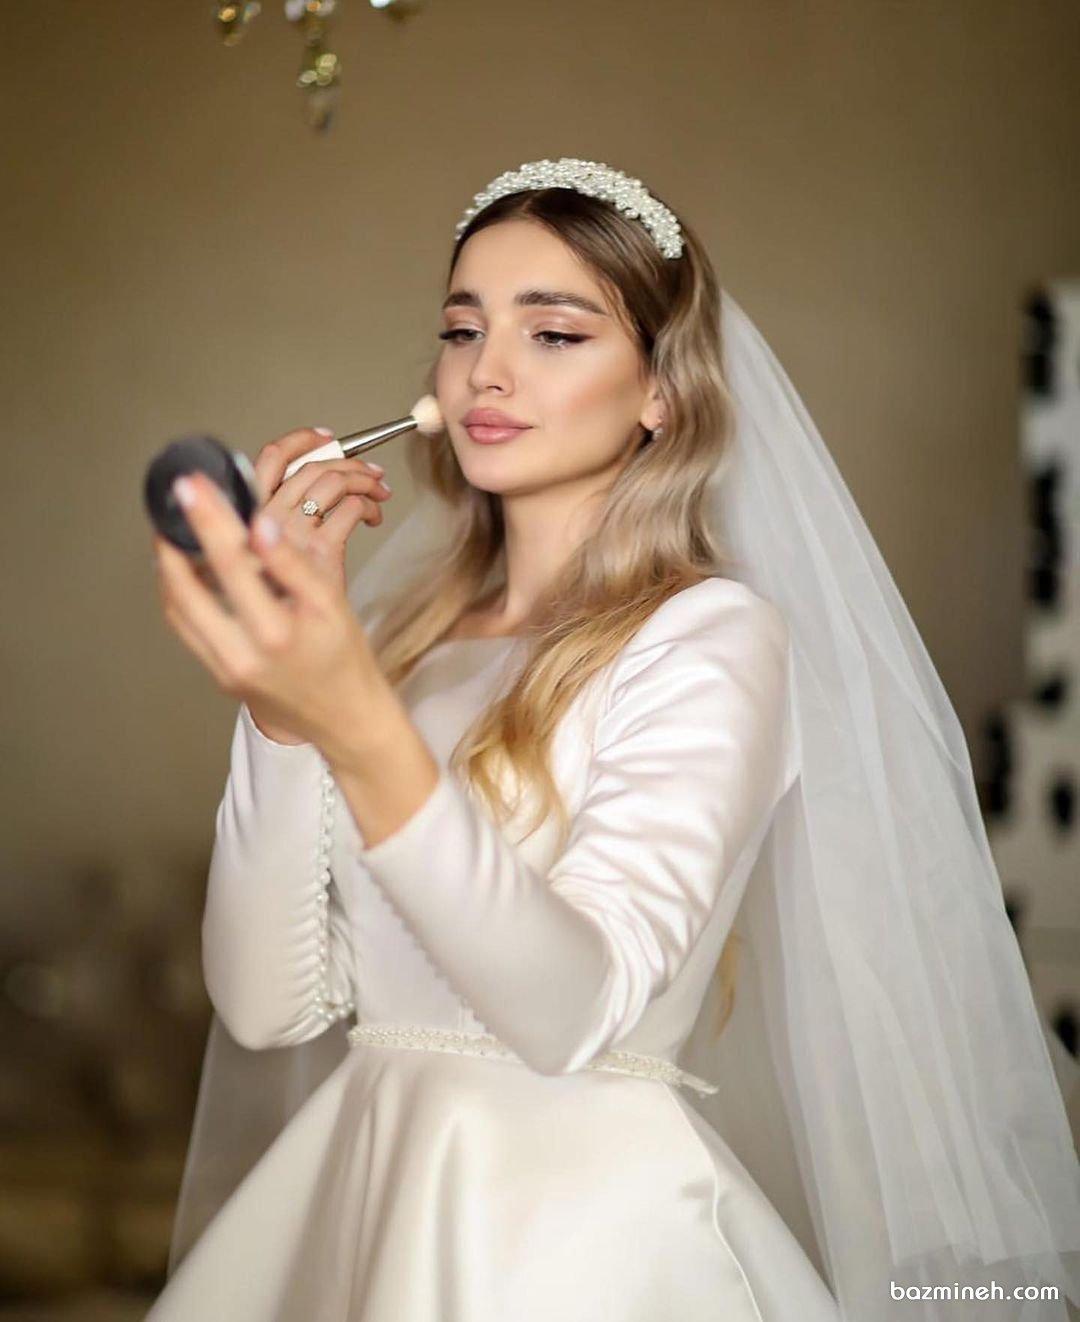 مهم ترین نکاتی که قبل از انتخاب نوع میکاپ و آرایشگاه عروس باید بدانید (به همراه 20 مدل میکاپ عروس)